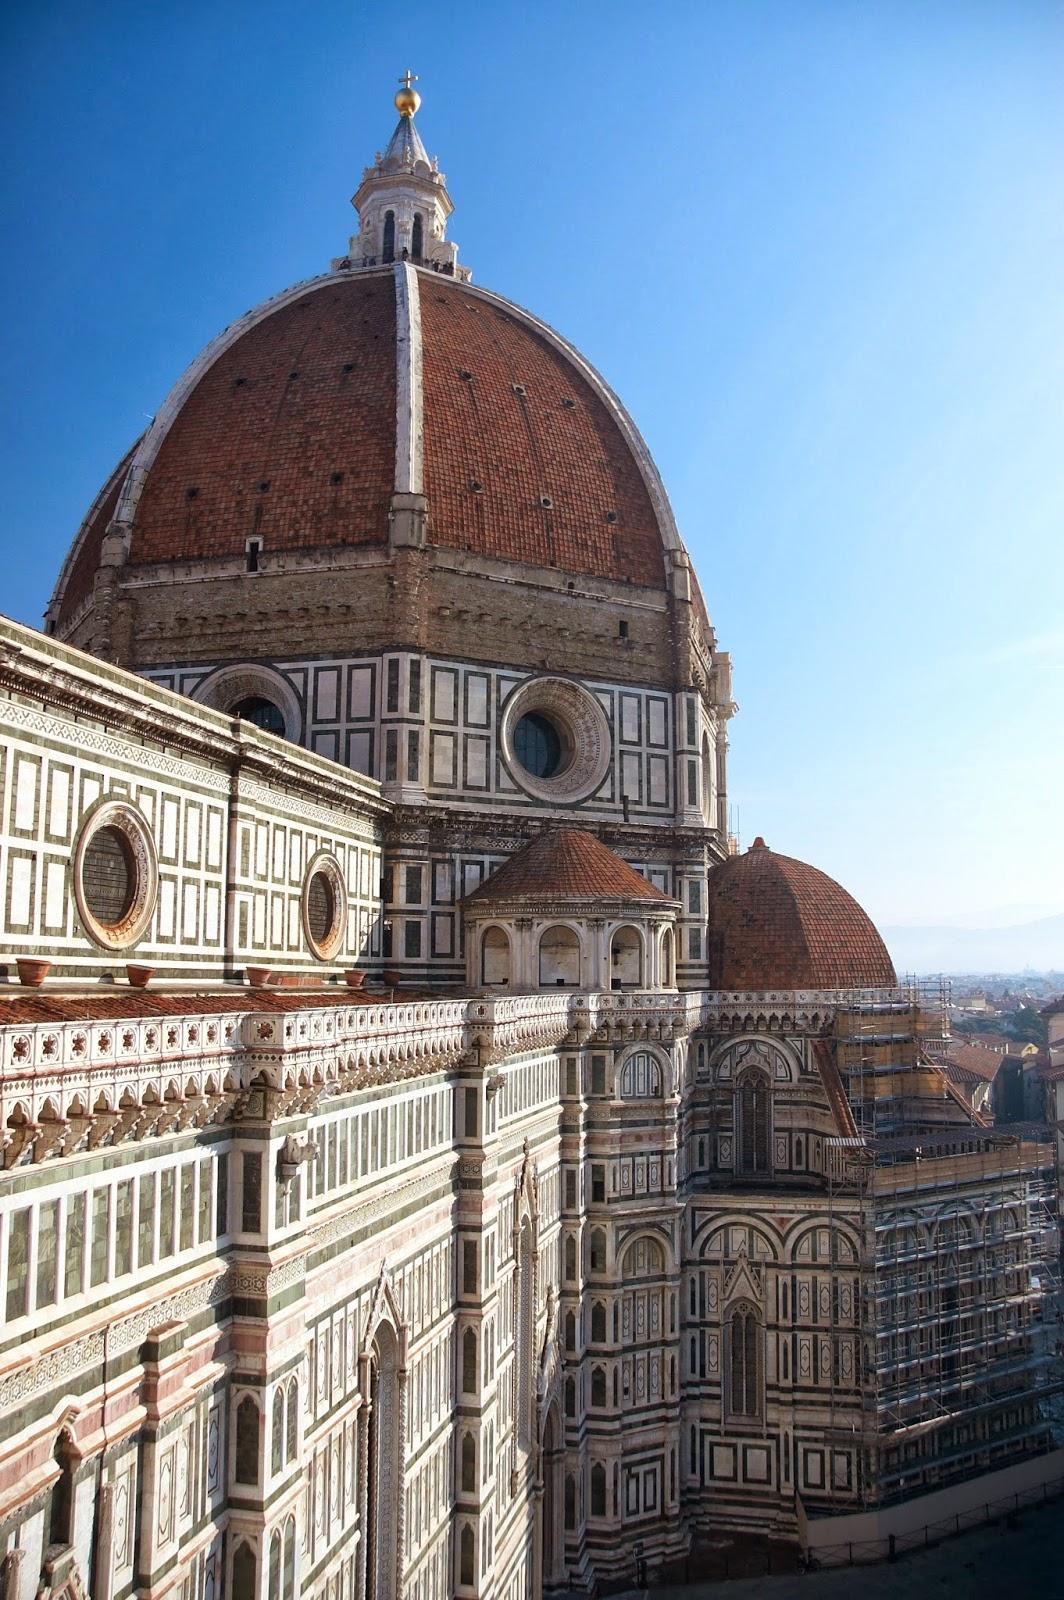 Florencja co warto zobaczyć i zwiedzić?